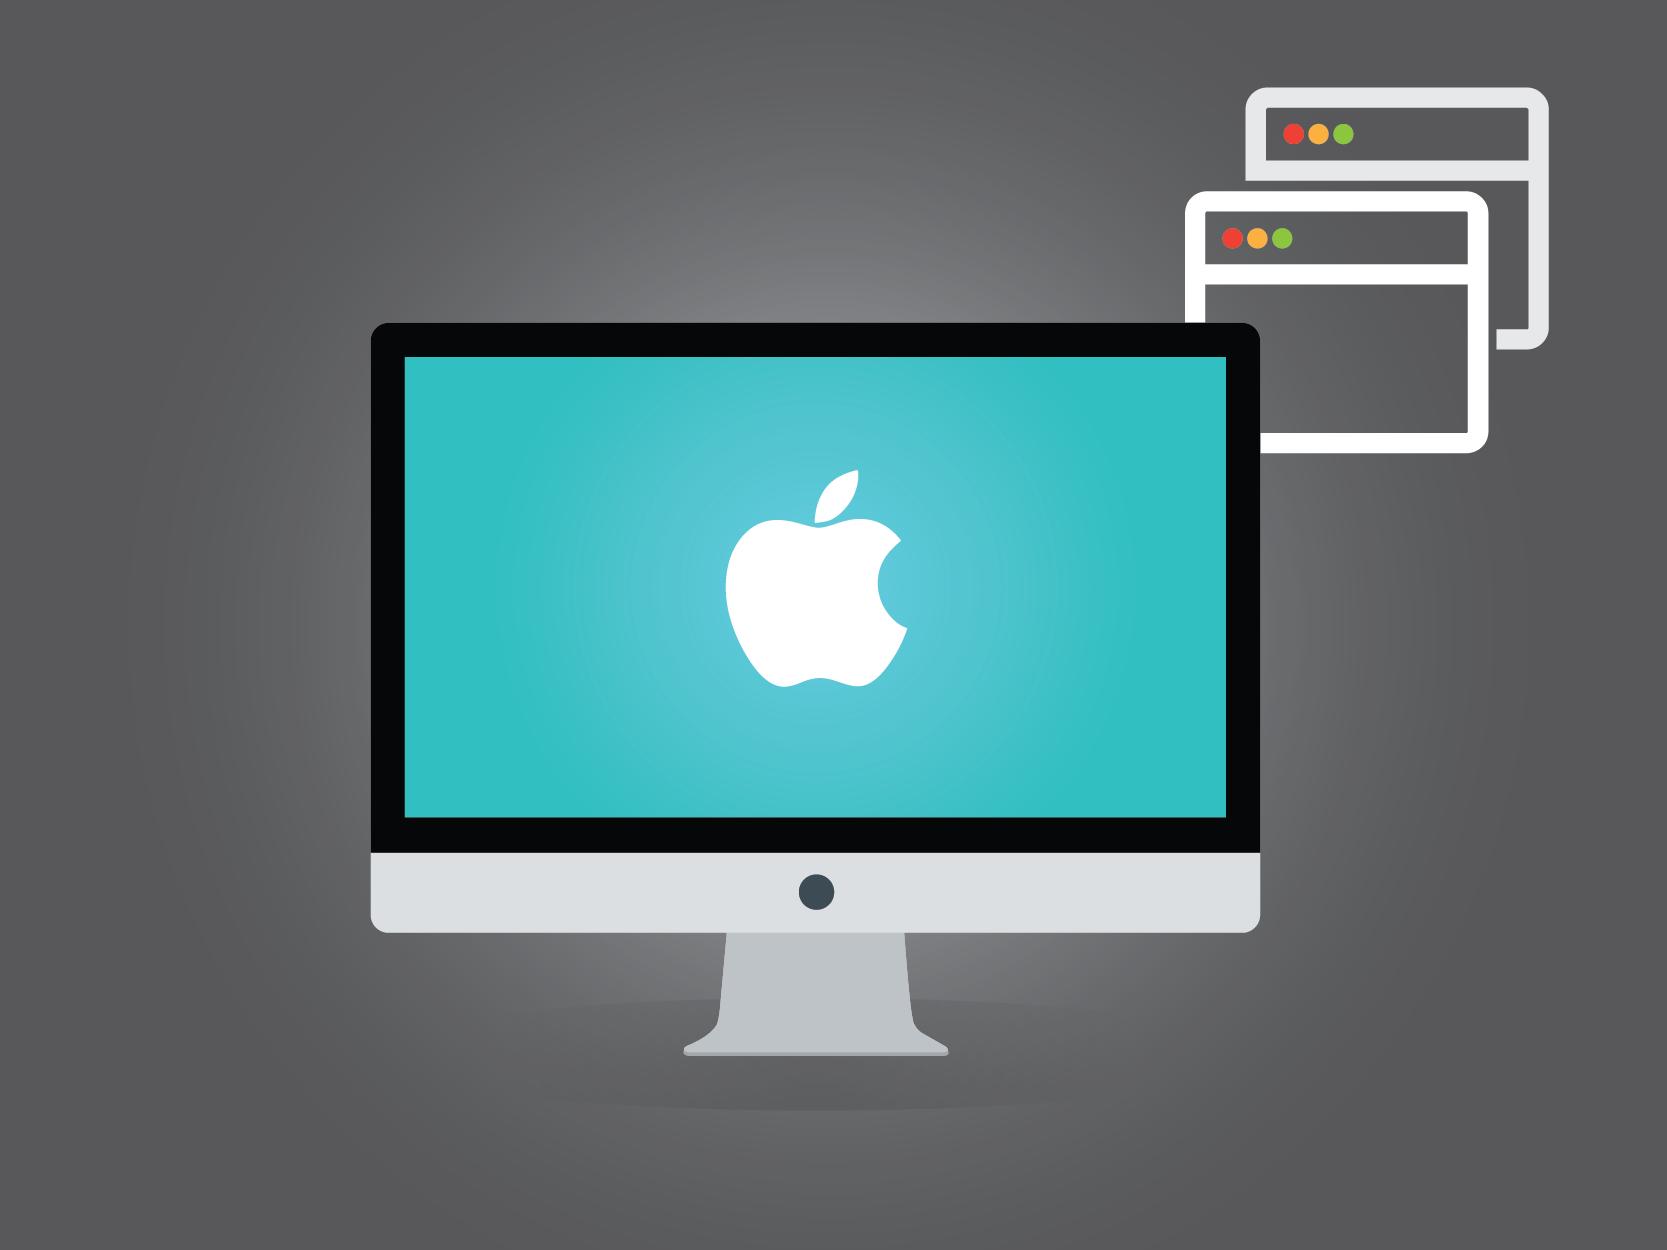 Imagen ejemplo de Mac OS X.